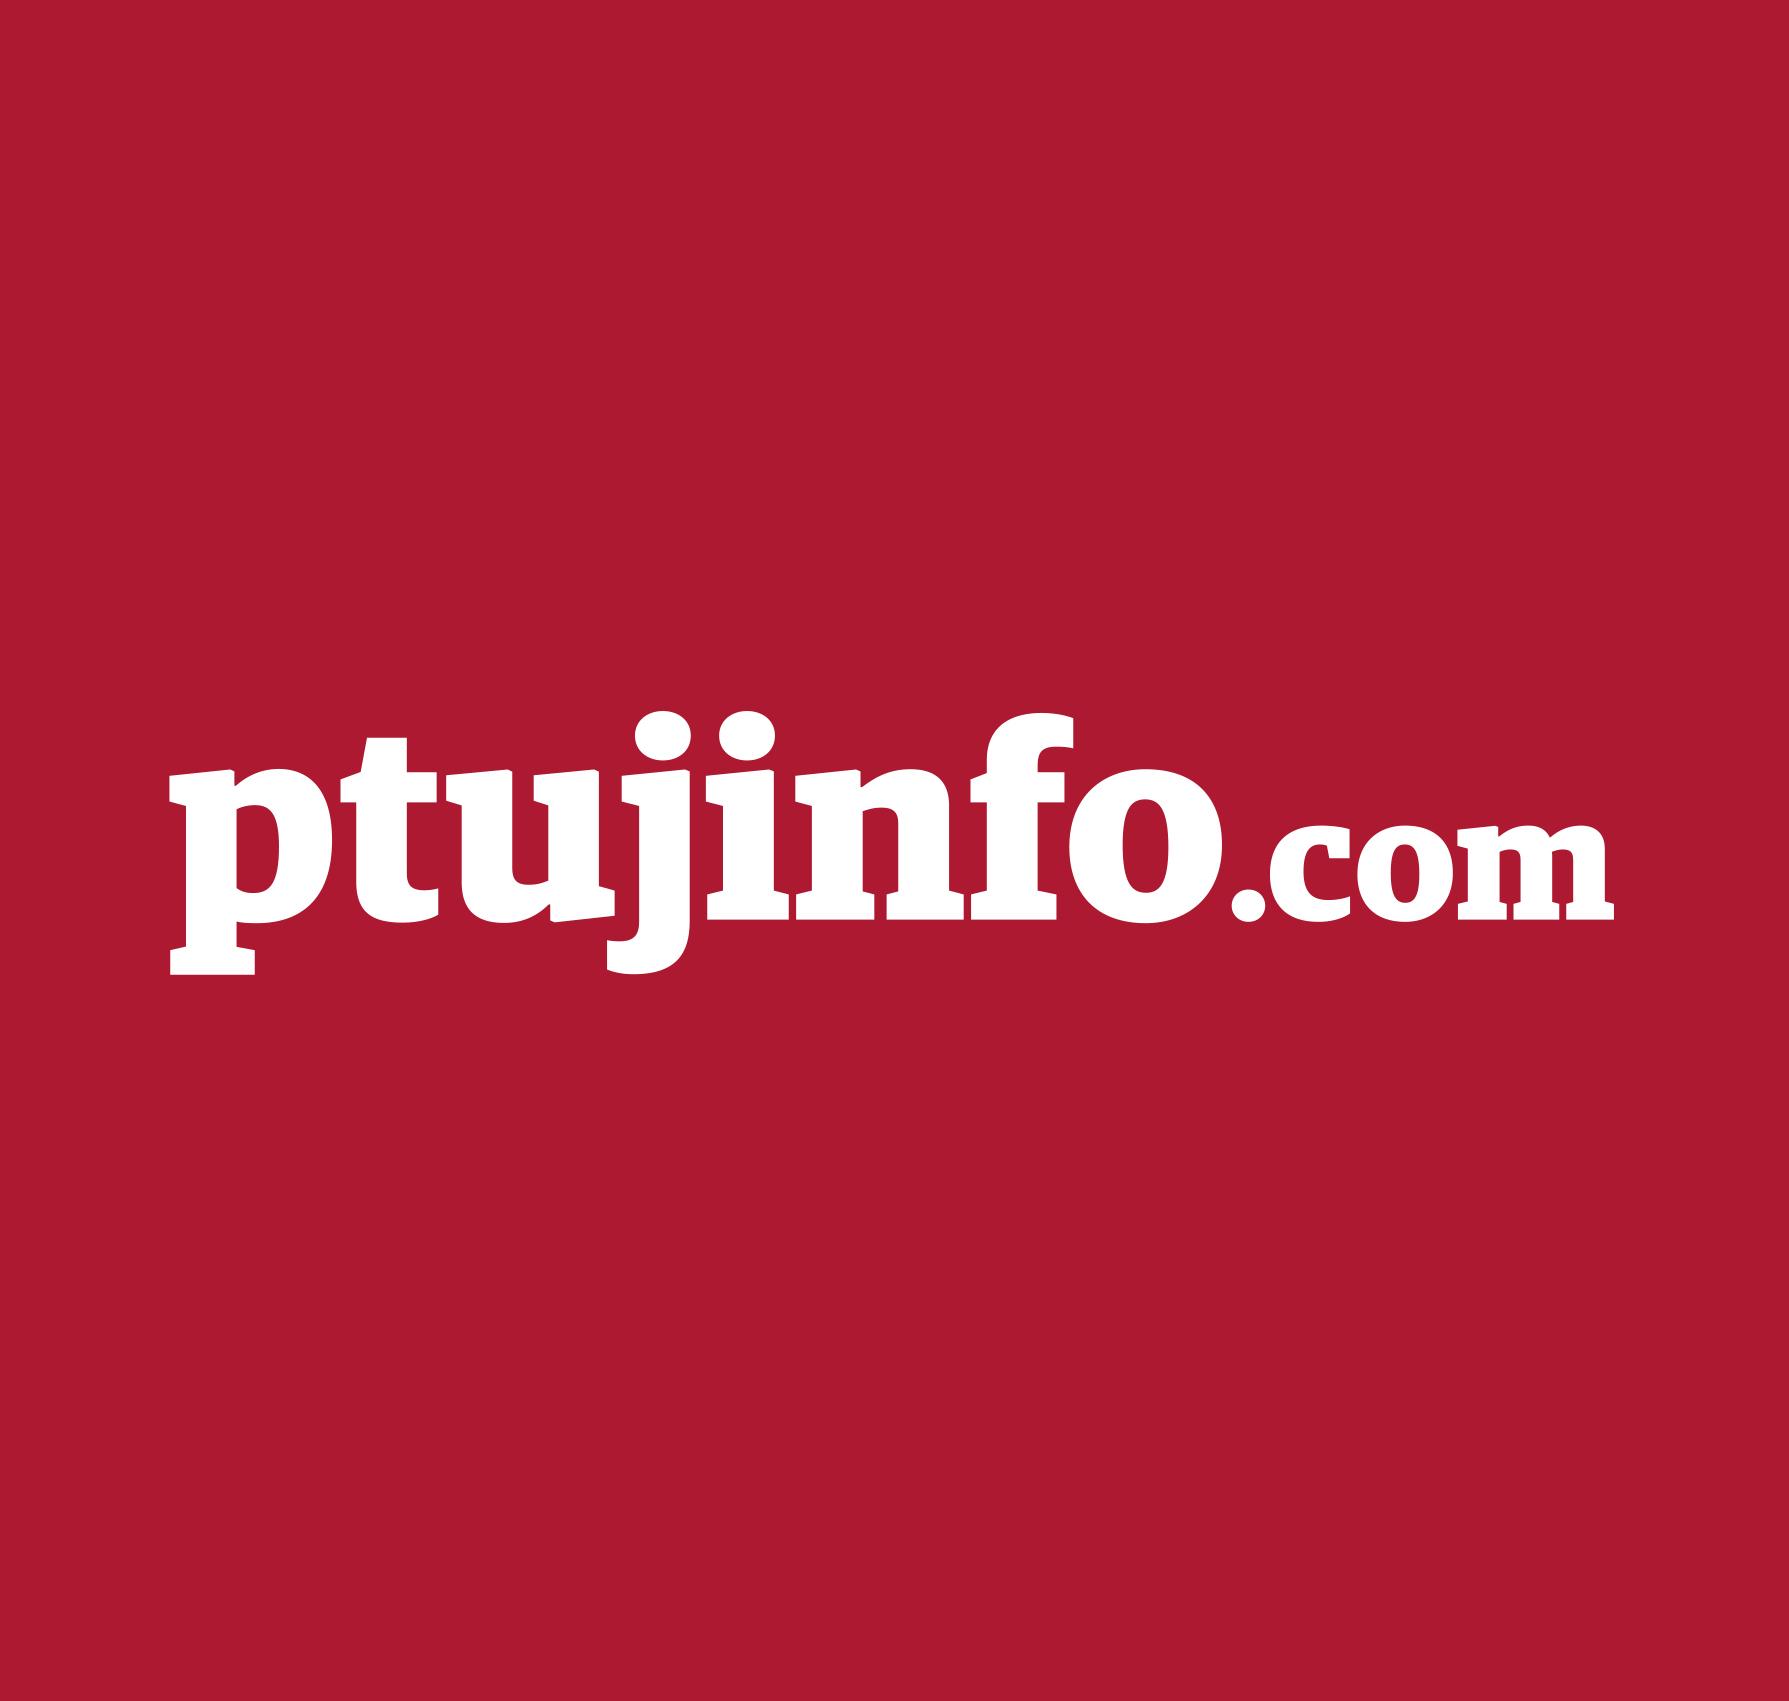 Ptujinfo-logo.jpg